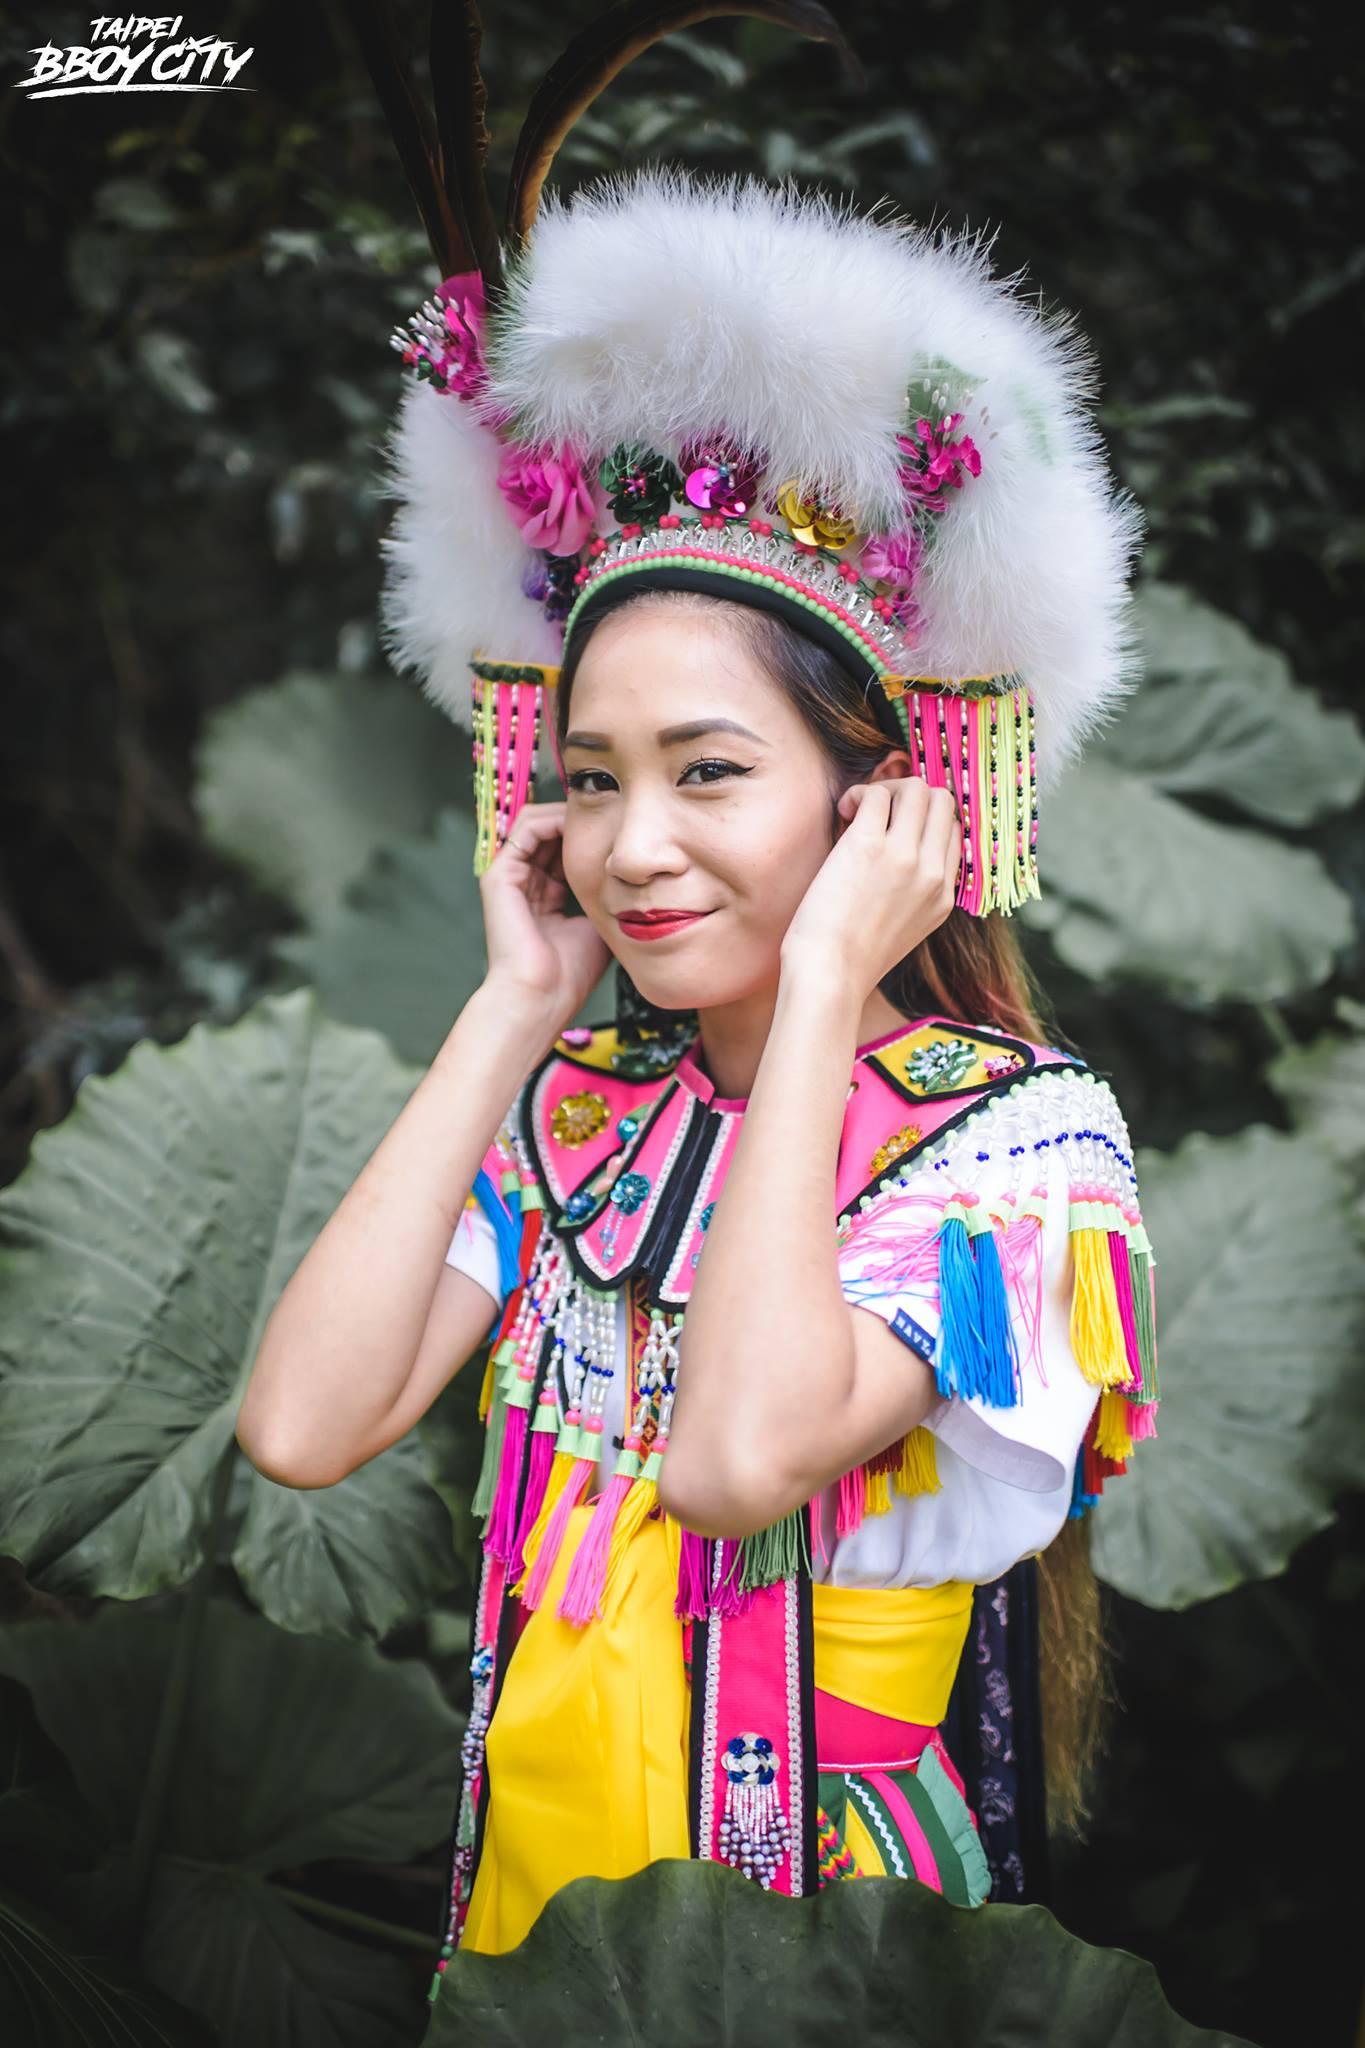 專題 / 他們會是臺灣街舞傳奇?深入了解原住民舞團 Aboriginal Unity   OVERDOPE GAZE